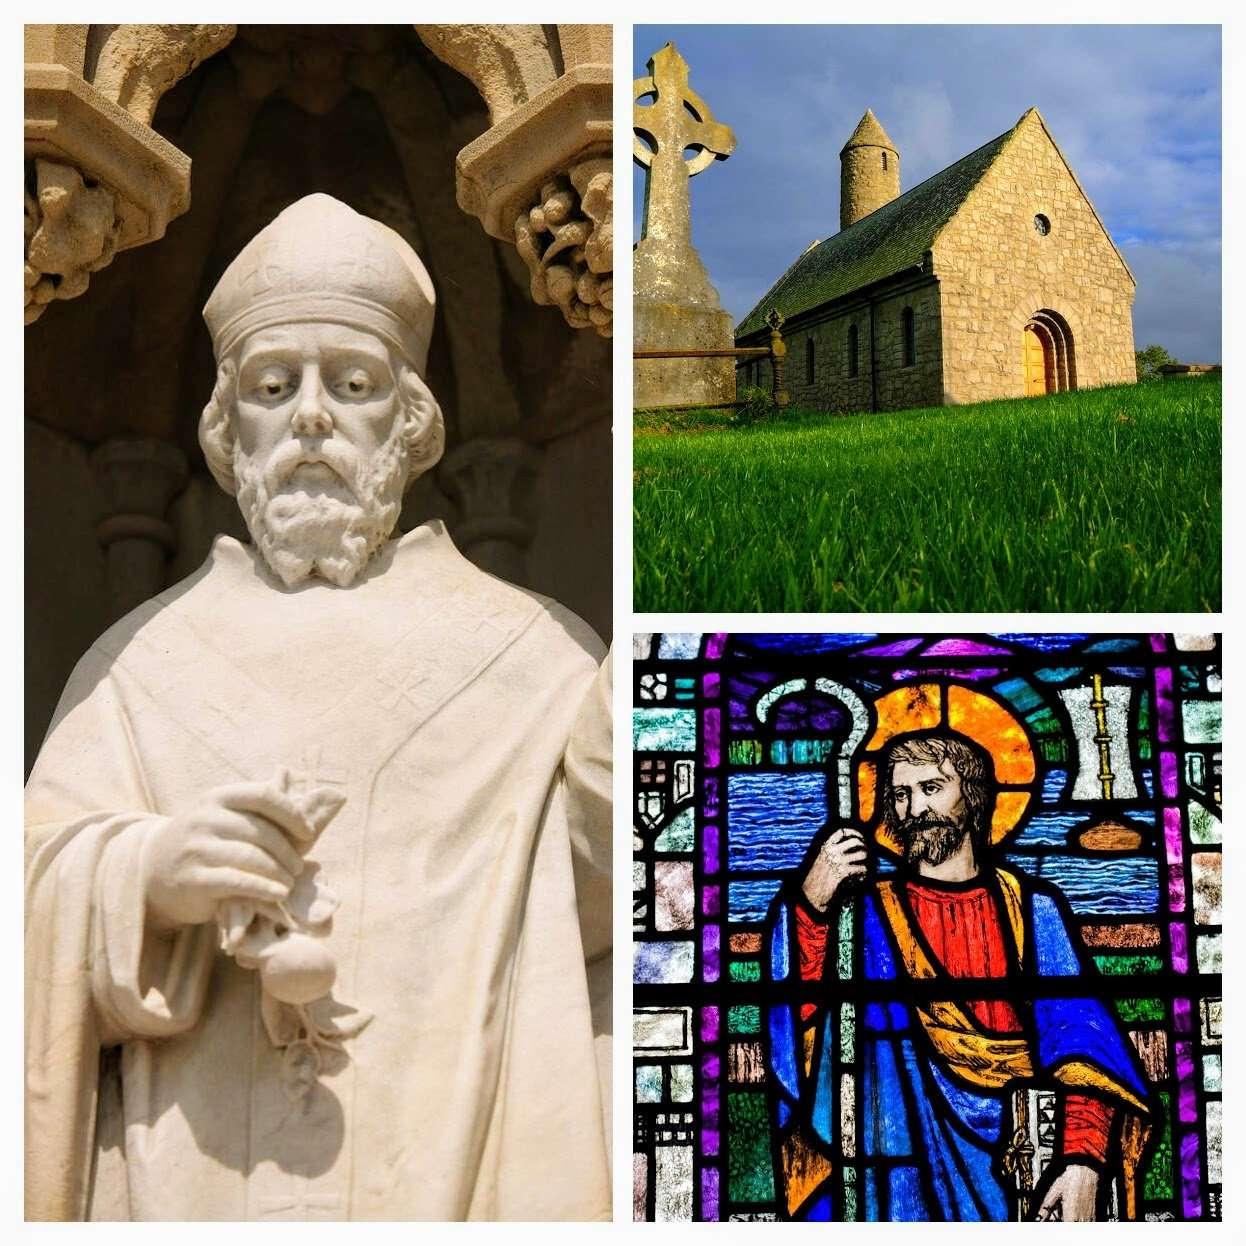 St. Patricks Day - Geschichte - Irland